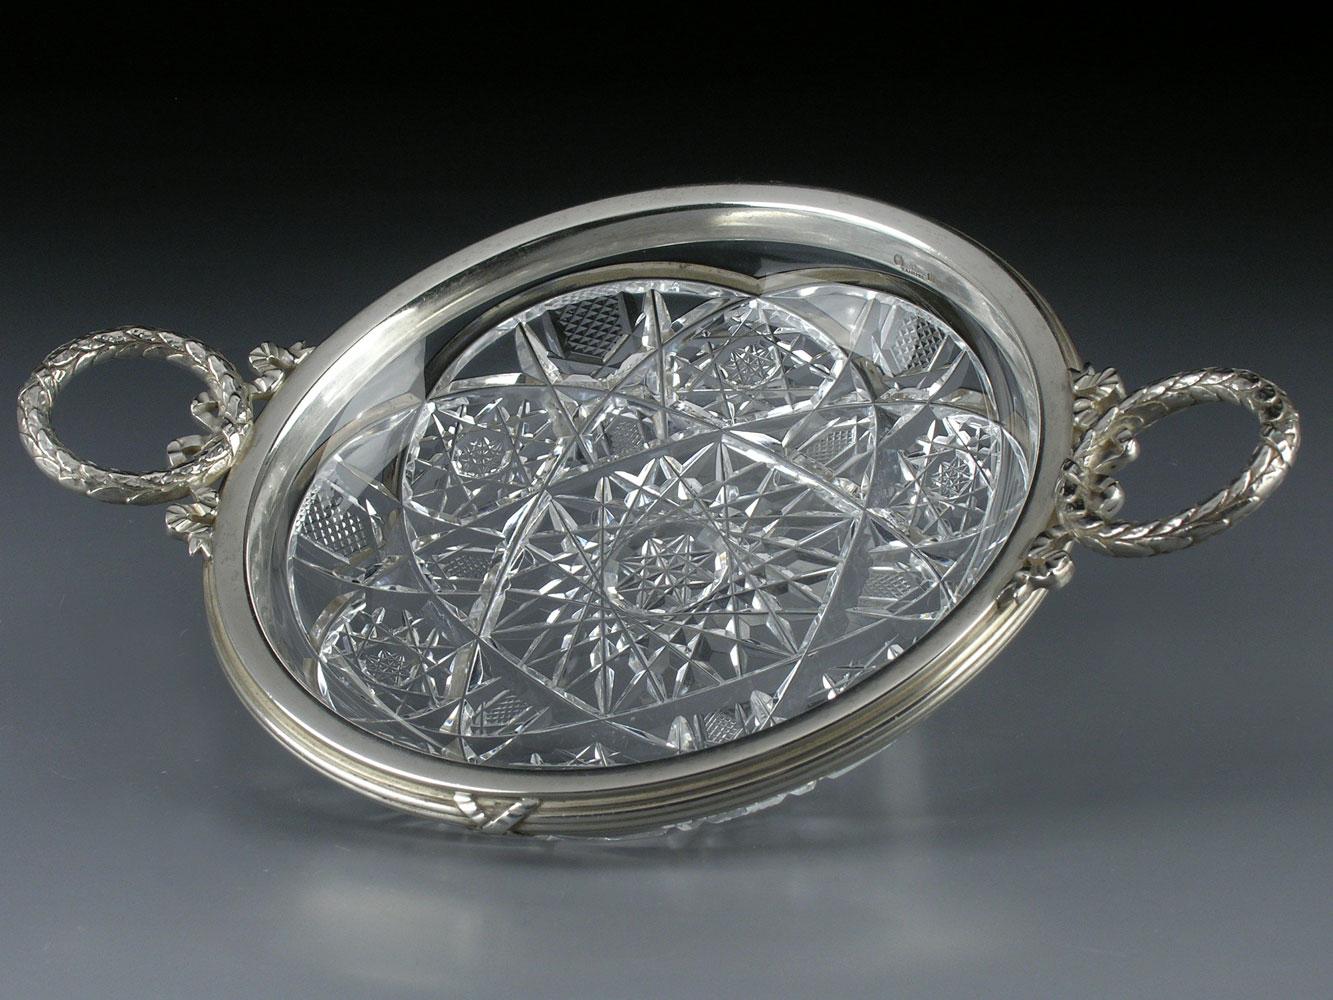 Kristallschale mit Silbermontierung von Fabergé